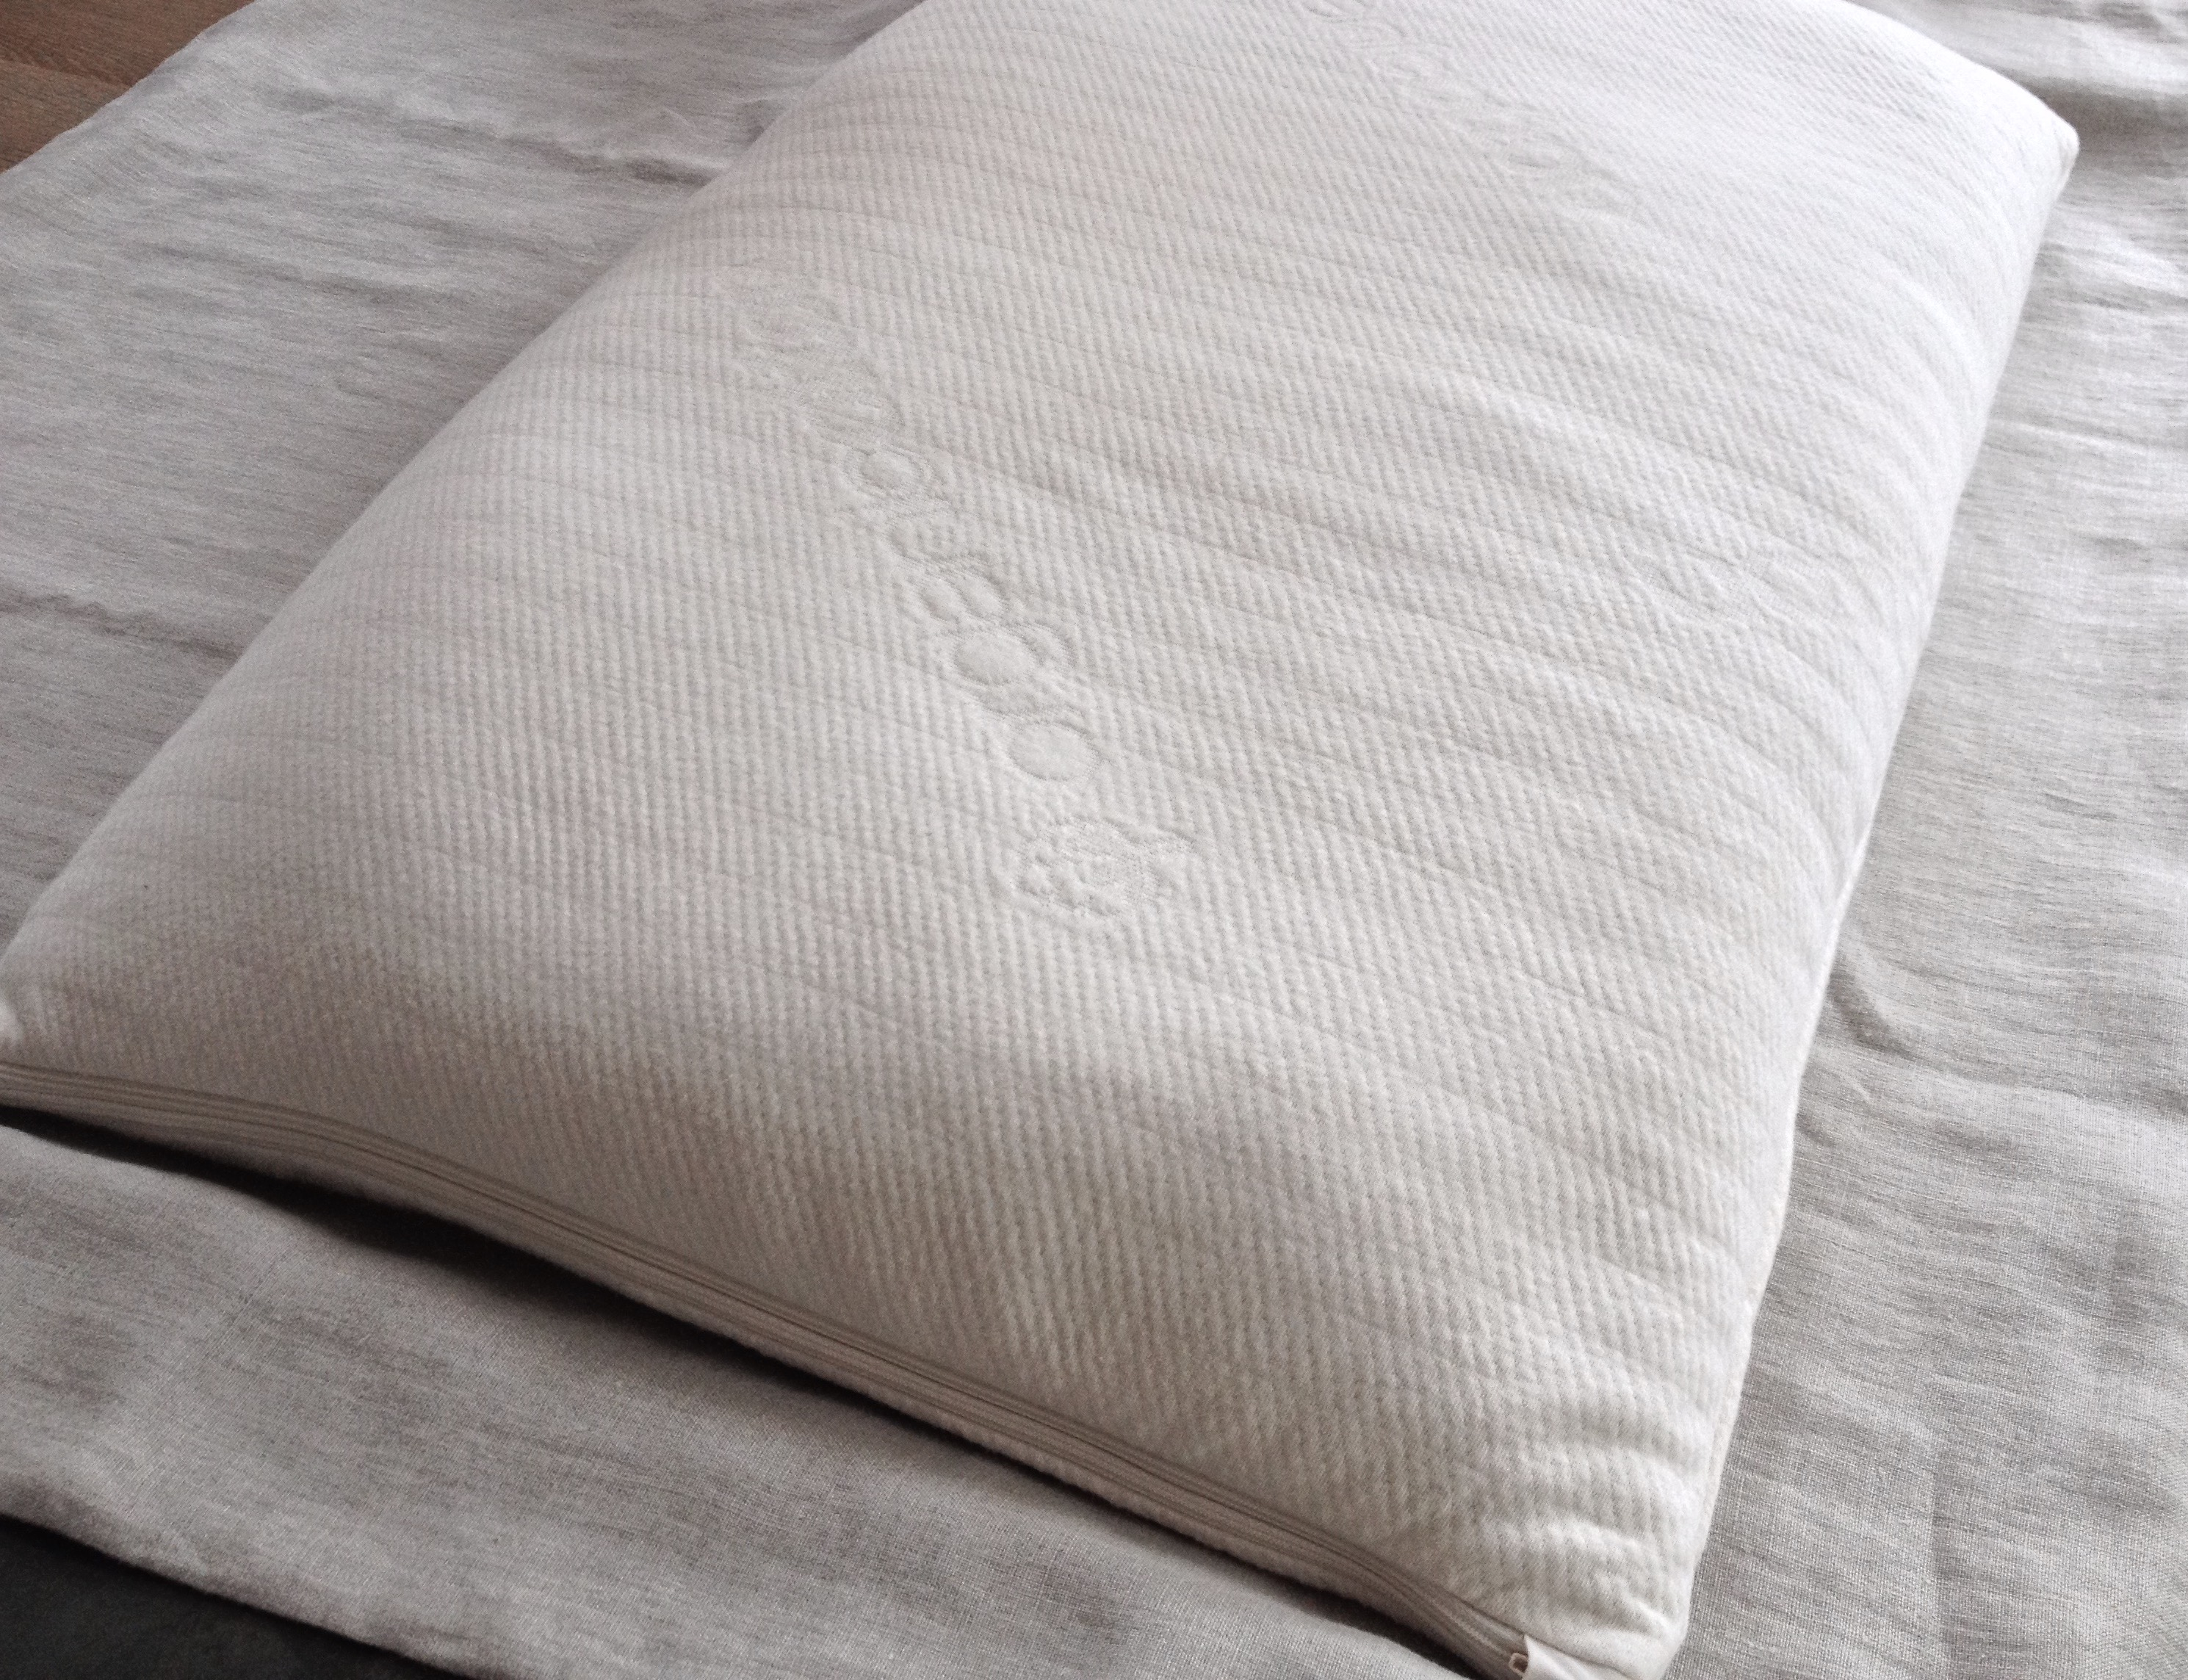 Organic_pillow